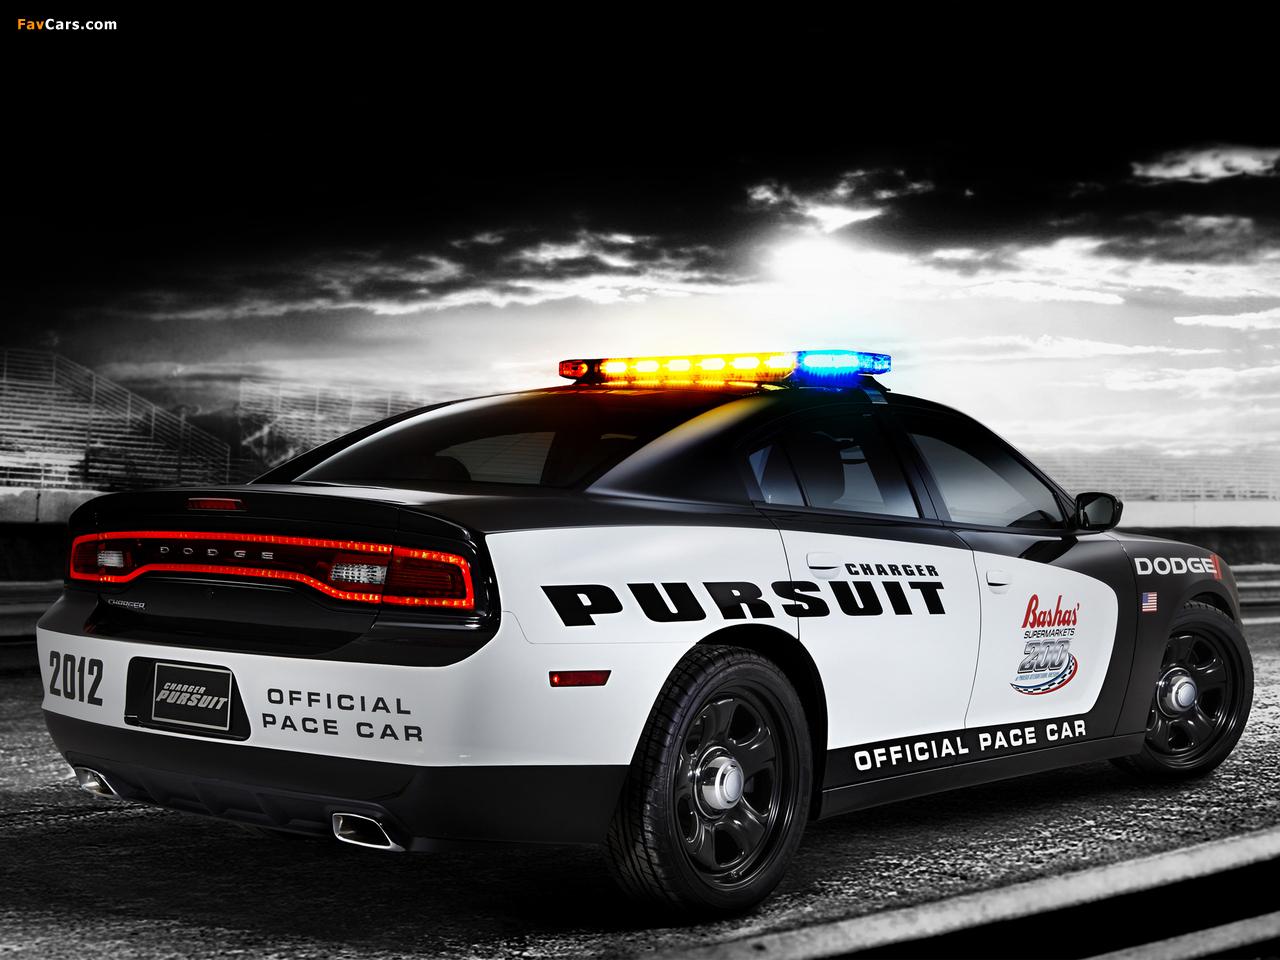 Dodge Charger Pursuit Pace Car 2012 pictures (1280 x 960)